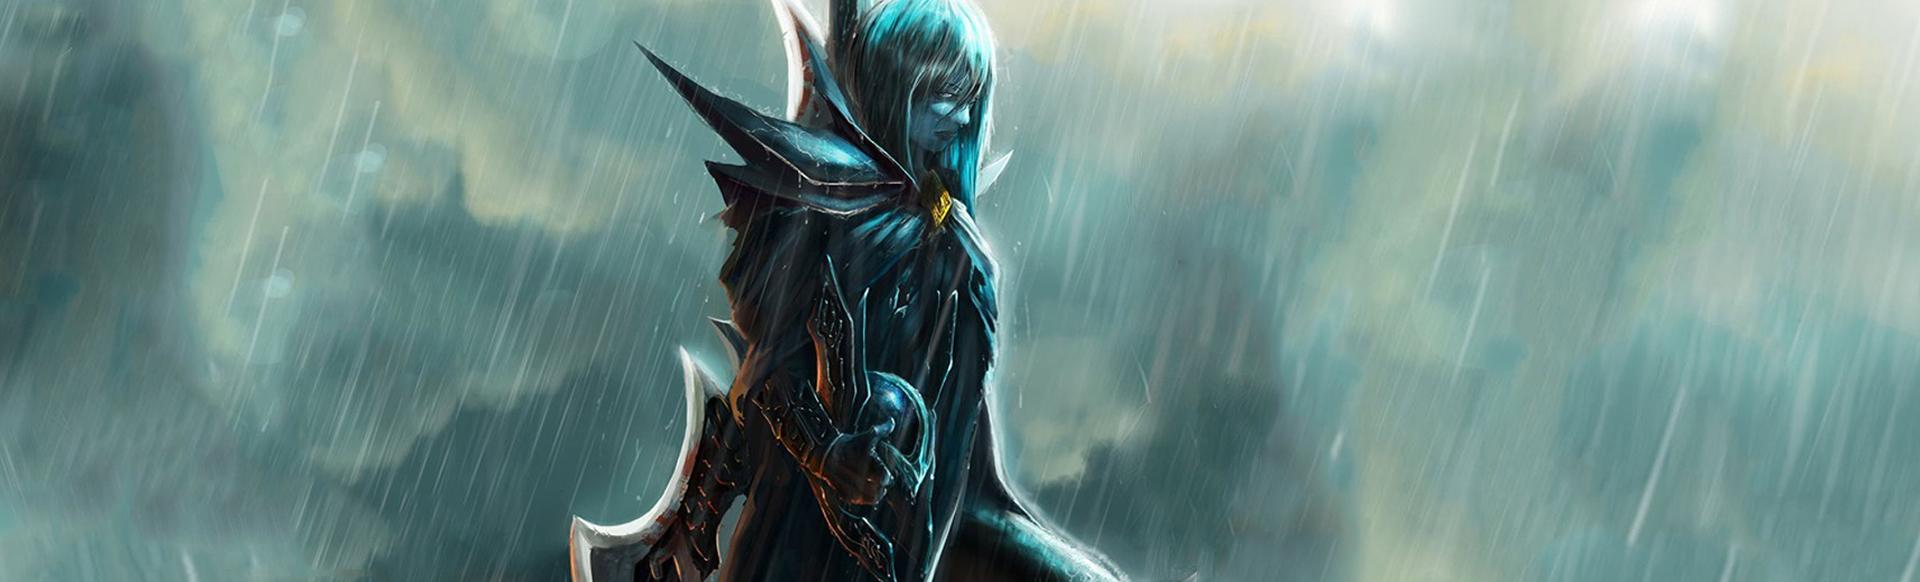 Phantom Assassin